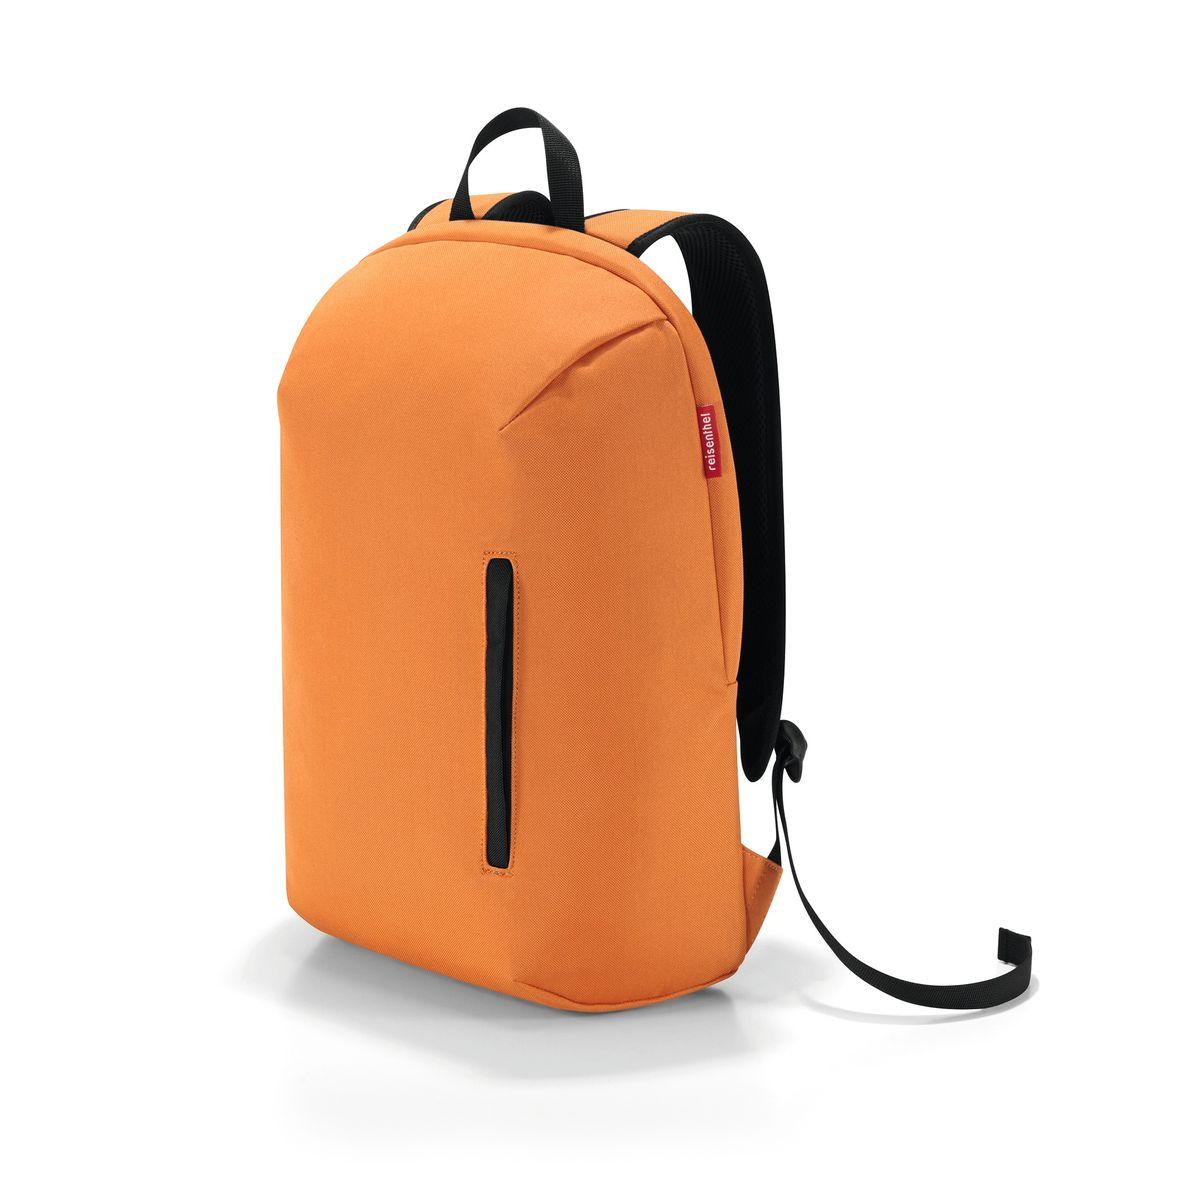 Рюкзак Reisenthel, цвет: оранжевый. RC2019RC2019Практичный рюкзак Reisenthel изготовлен из качественного полиэстера. Изделие содержит одно вместительное отделение, которое закрывается на застежку- молнию. Внутри расположен мягкий карман для ноутбука на липучке. Снаружи, на лицевой стороне рюкзака, расположен врезной карман на молнии. Рюкзак дополнен петлей для подвешивания и двумя широкими лямками, длина которых регулируется при помощи пряжек. Стильный рюкзак Reisenthel вместит в себя все необходимое и прекрасно дополнит ваш образ.